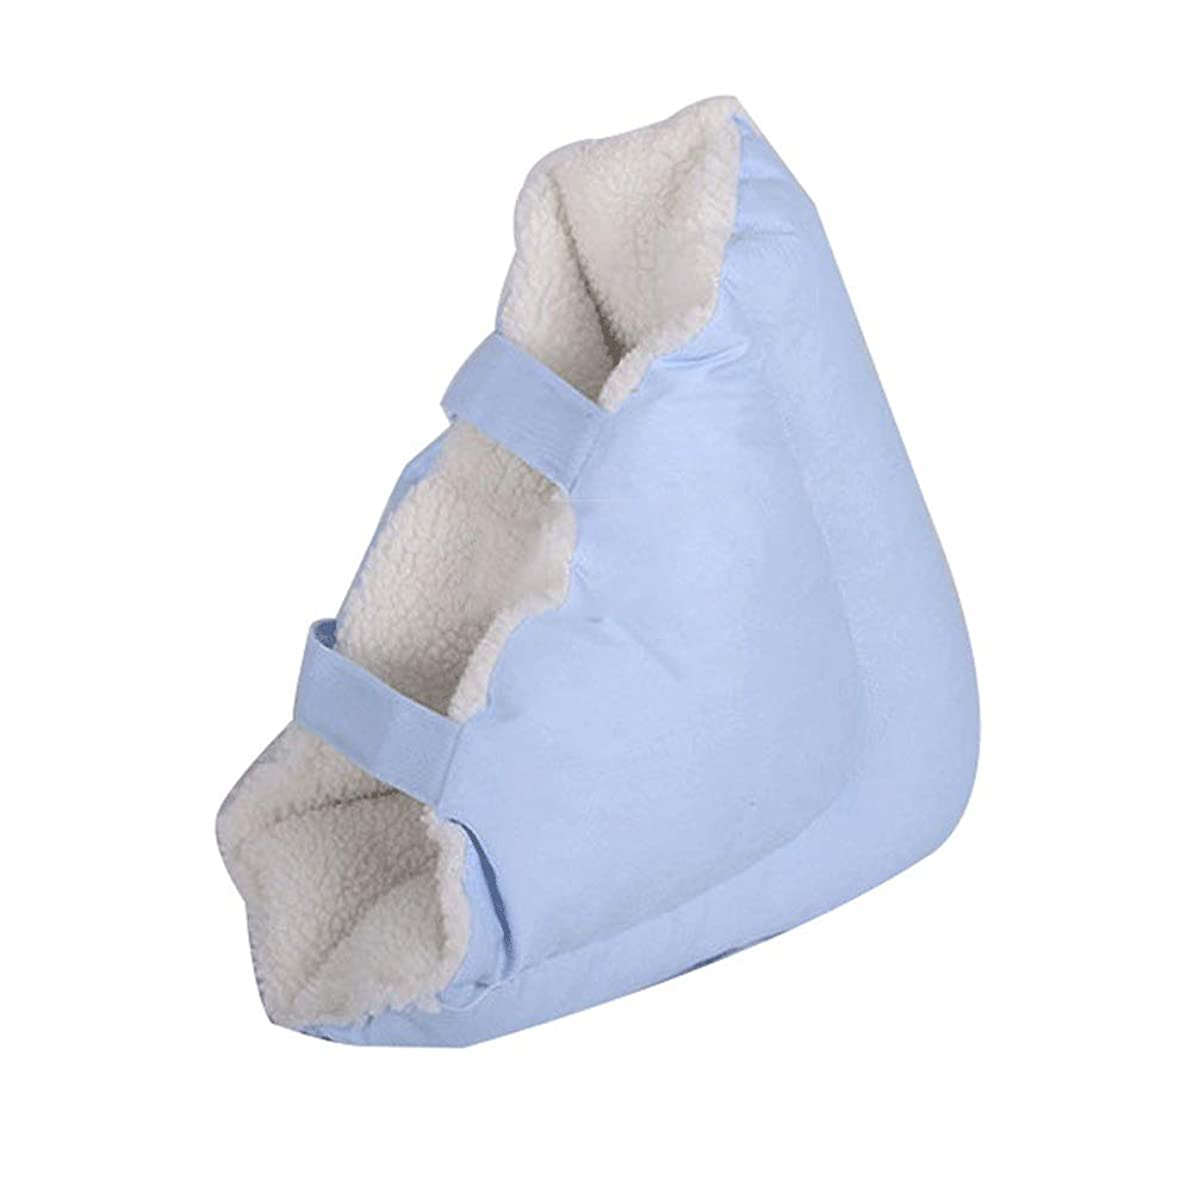 かろうじて反発する腐敗した足枕ヒールクッションプロテクター-Pressure瘡の予防 高弾性スポンジ充填、1ペア